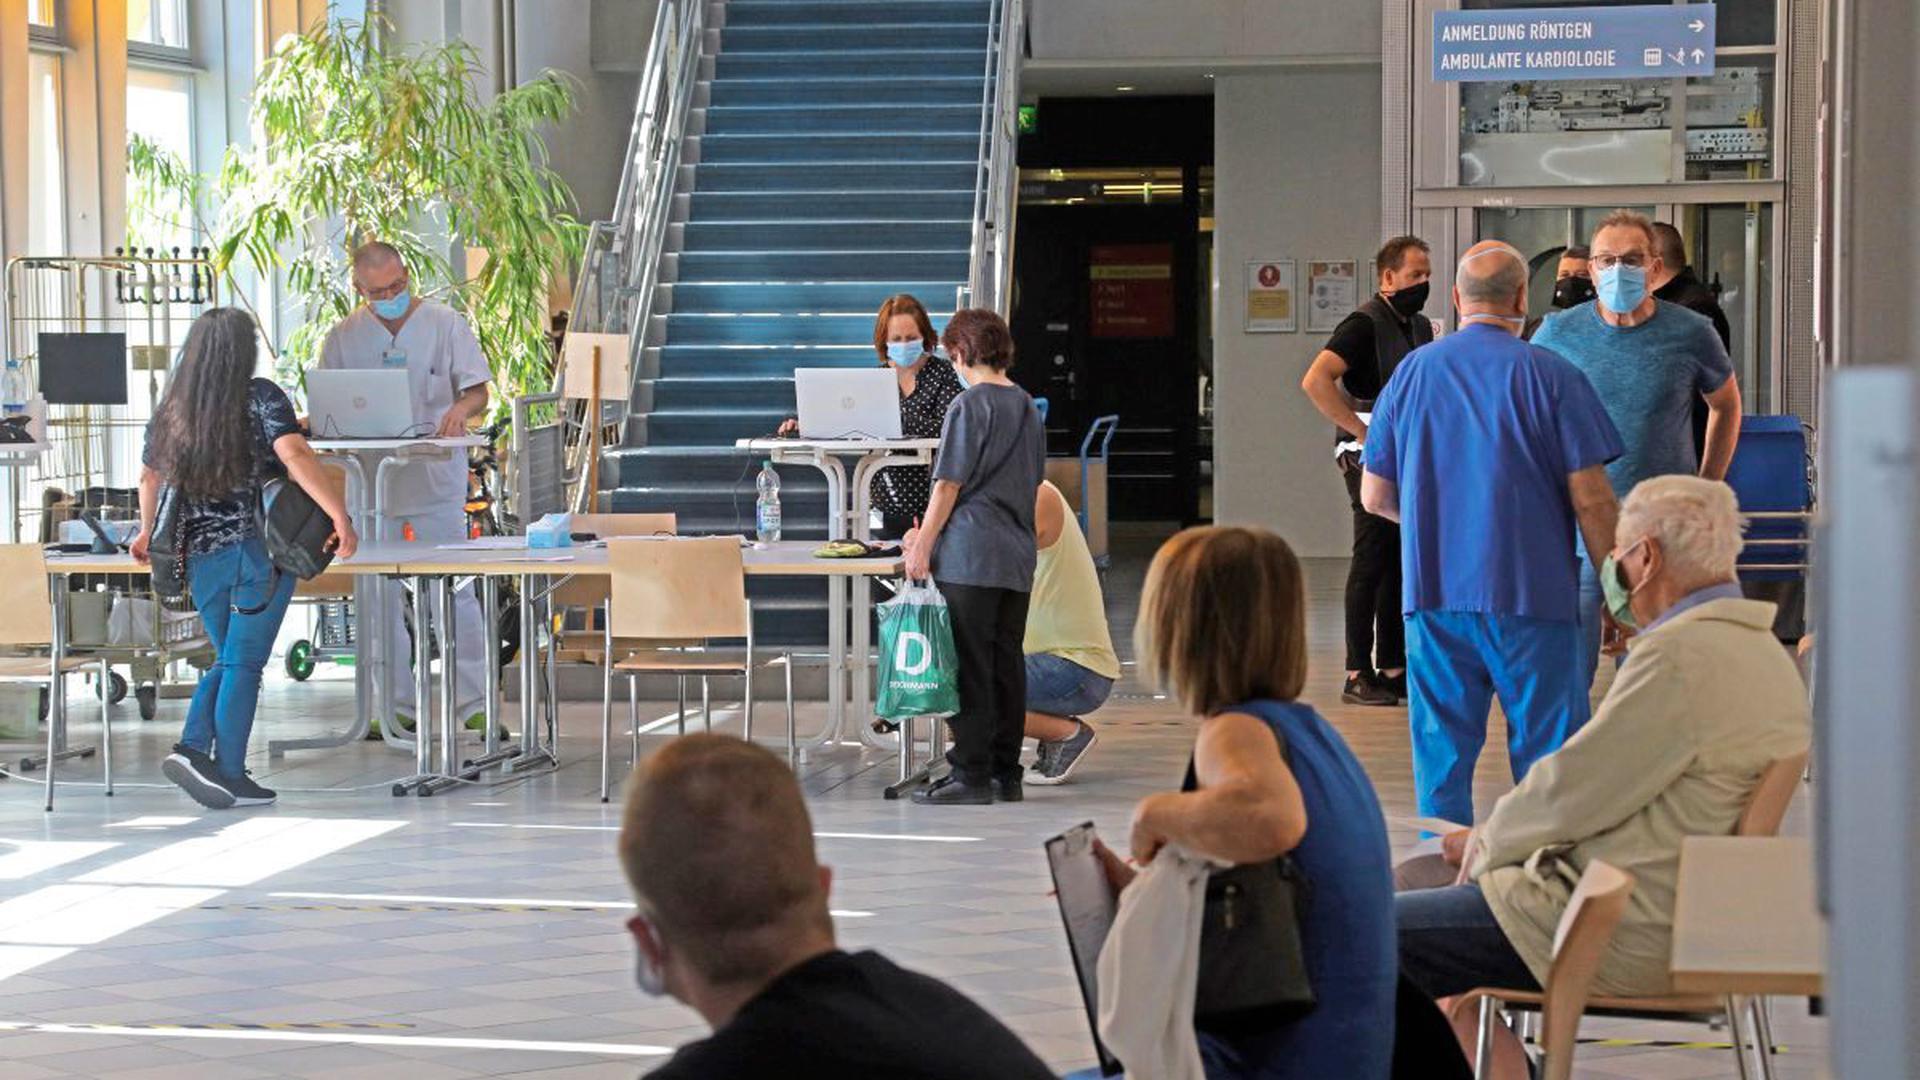 Krankenbesuch in Corona-Zeiten: Im Städtischen Klinikum Karlsruhe stehen (und sitzen) die Besucher im Haus R Schlange, um sich für ihre 60 Minuten Besuchszeit am Tag zu registrieren. Auf die Einhaltung der Sicherheits- und Hygienevorschriften wird streng geachtet.